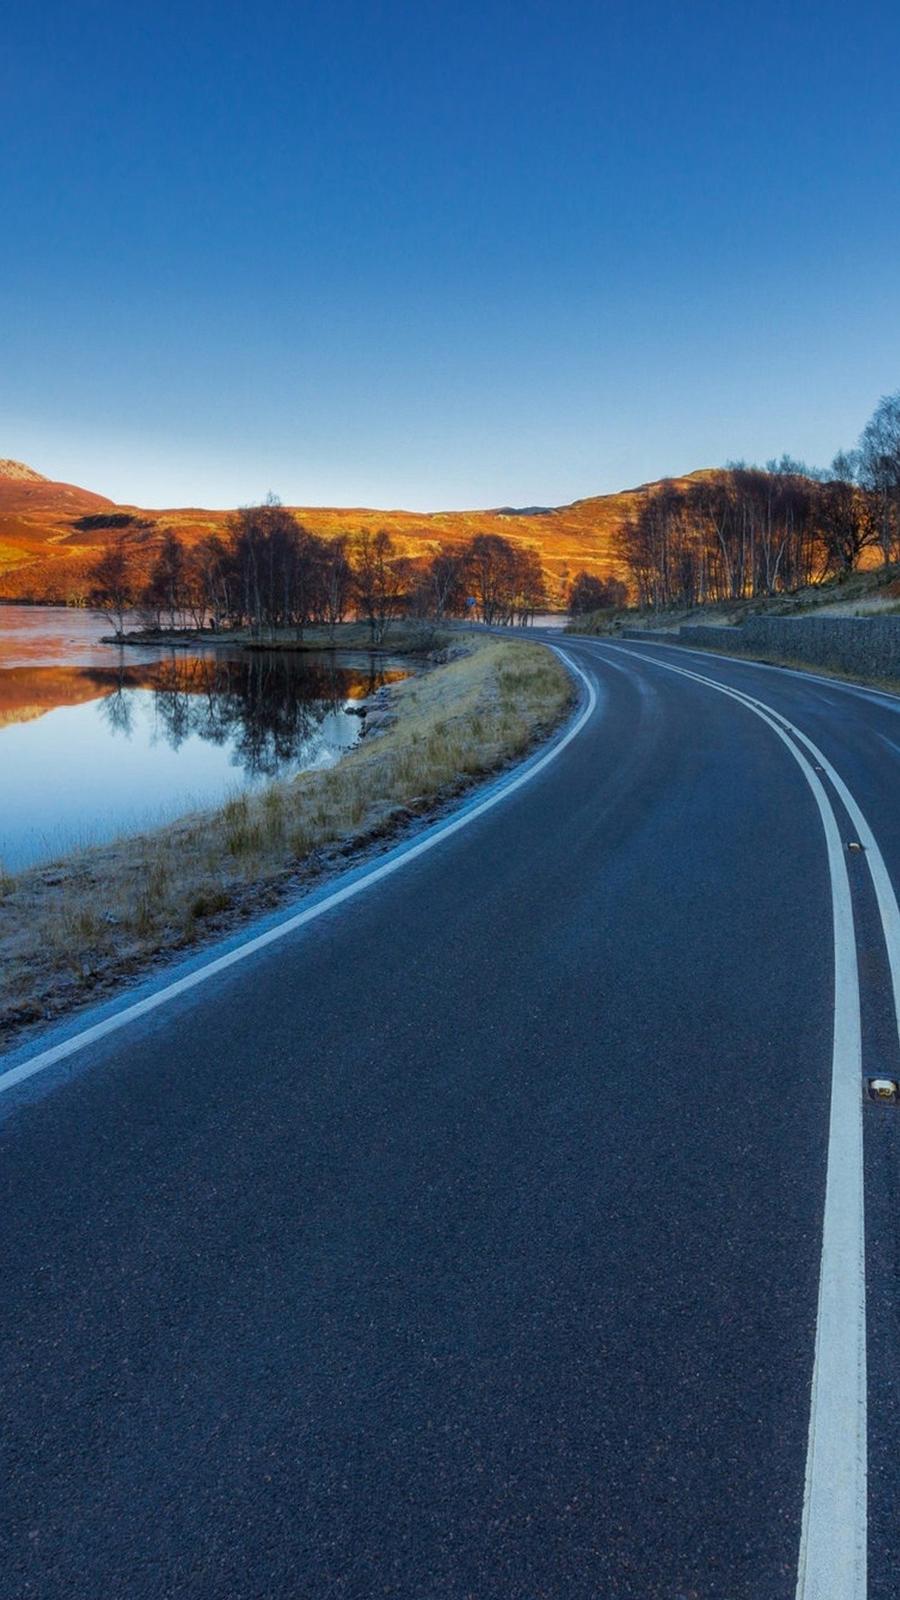 Asphalt Road Landscape Wallpaper